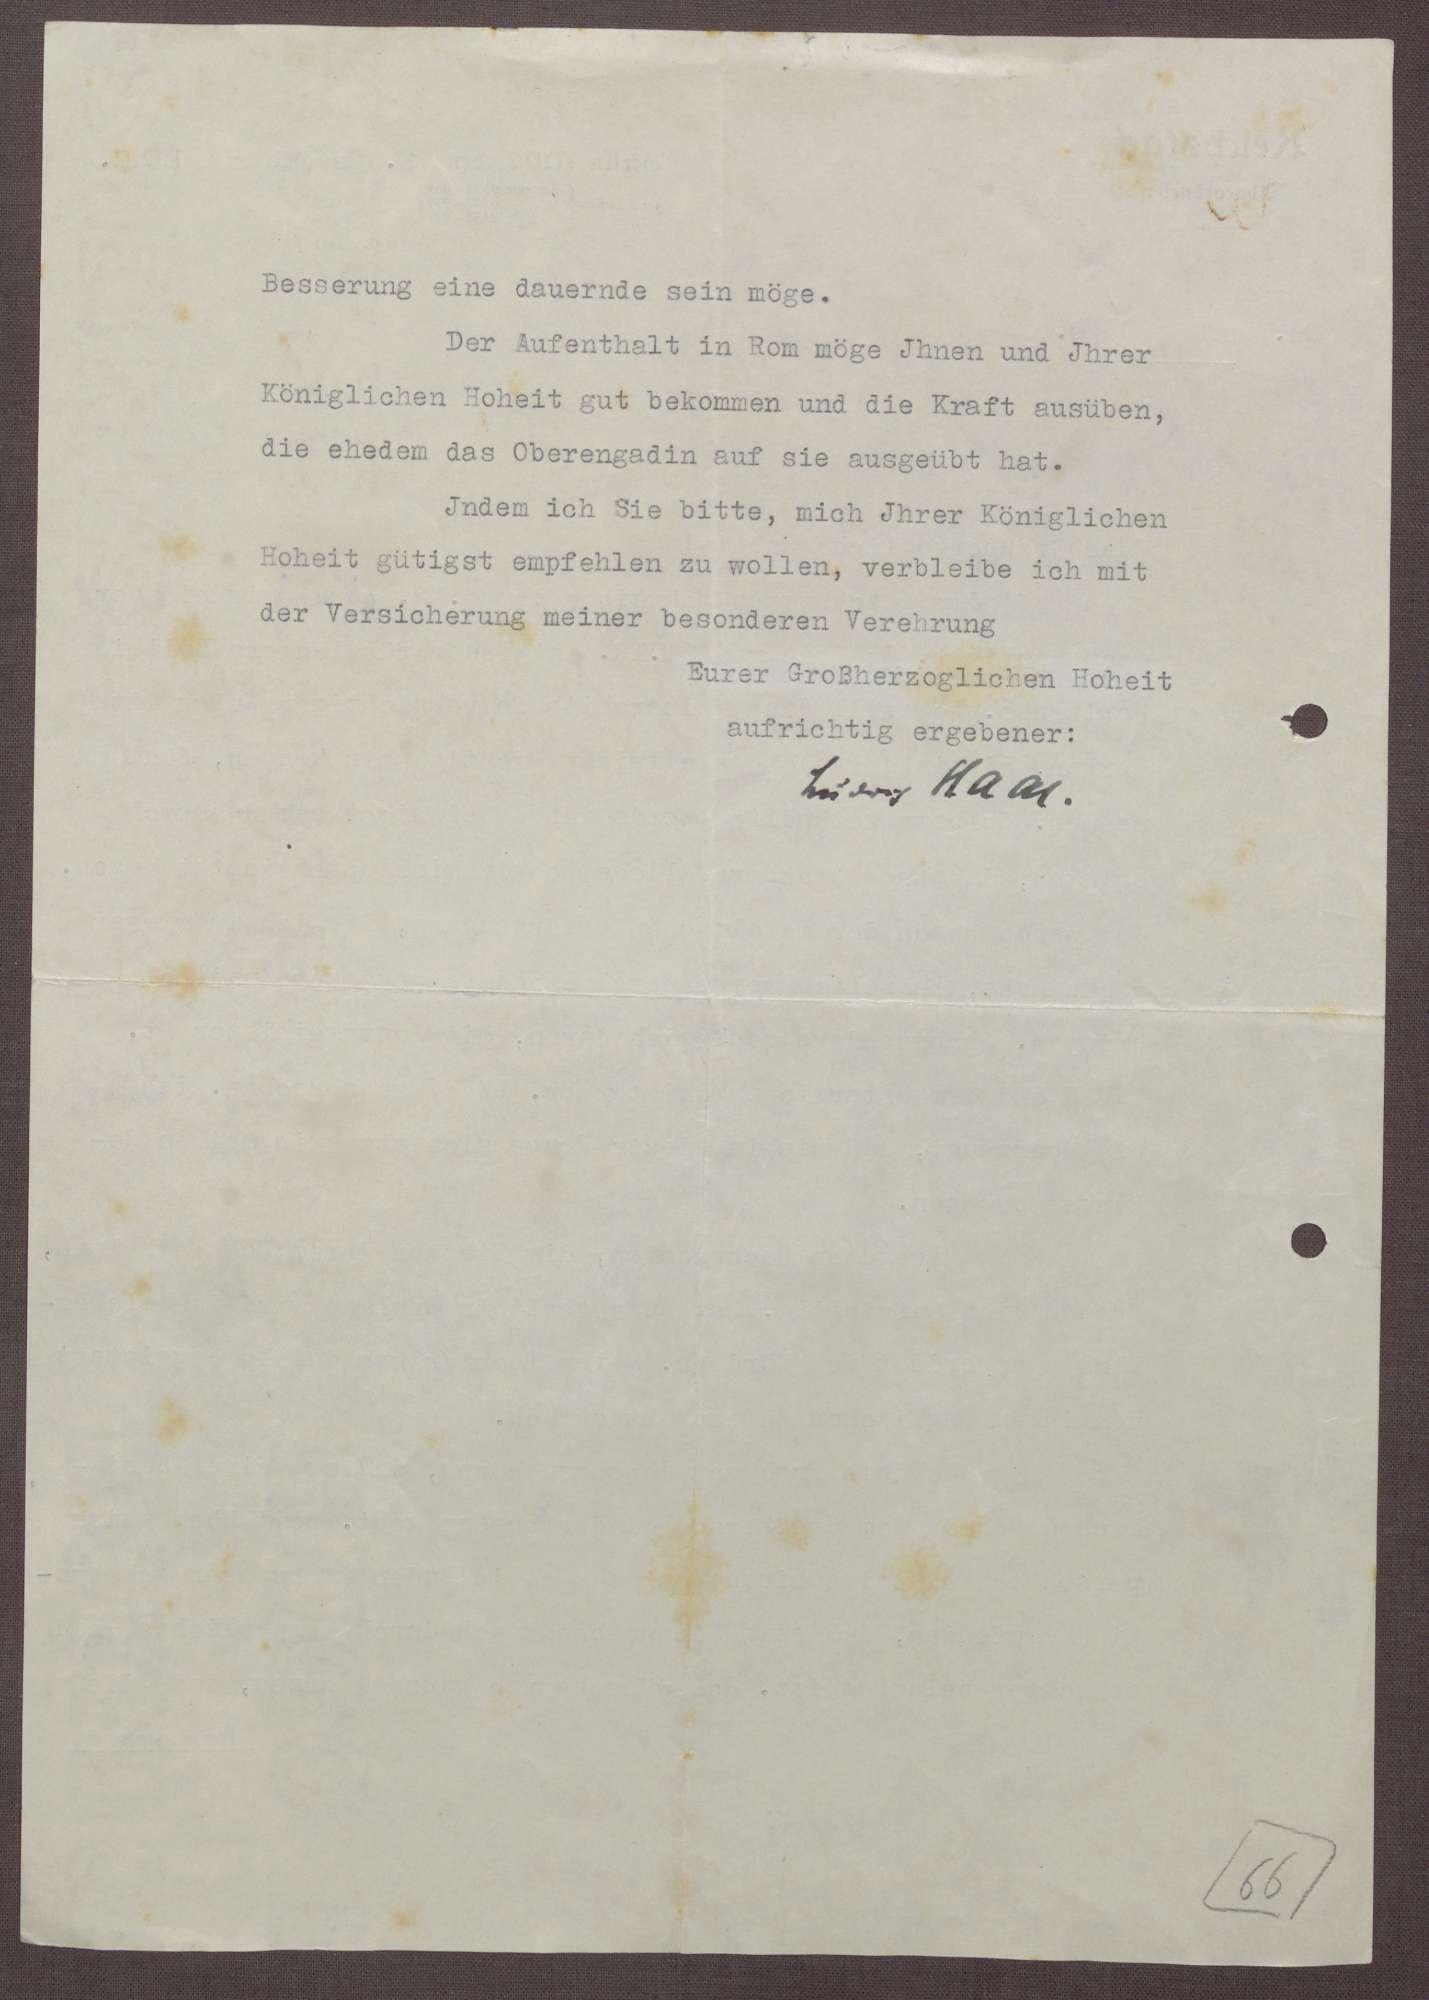 Schreiben von Ludwig Haas an Prinz Max von Baden; Aufenthalt von Prinz Berthold in England und eine Unterredung mit Gustav Trunk und Otto Leers, Bild 2